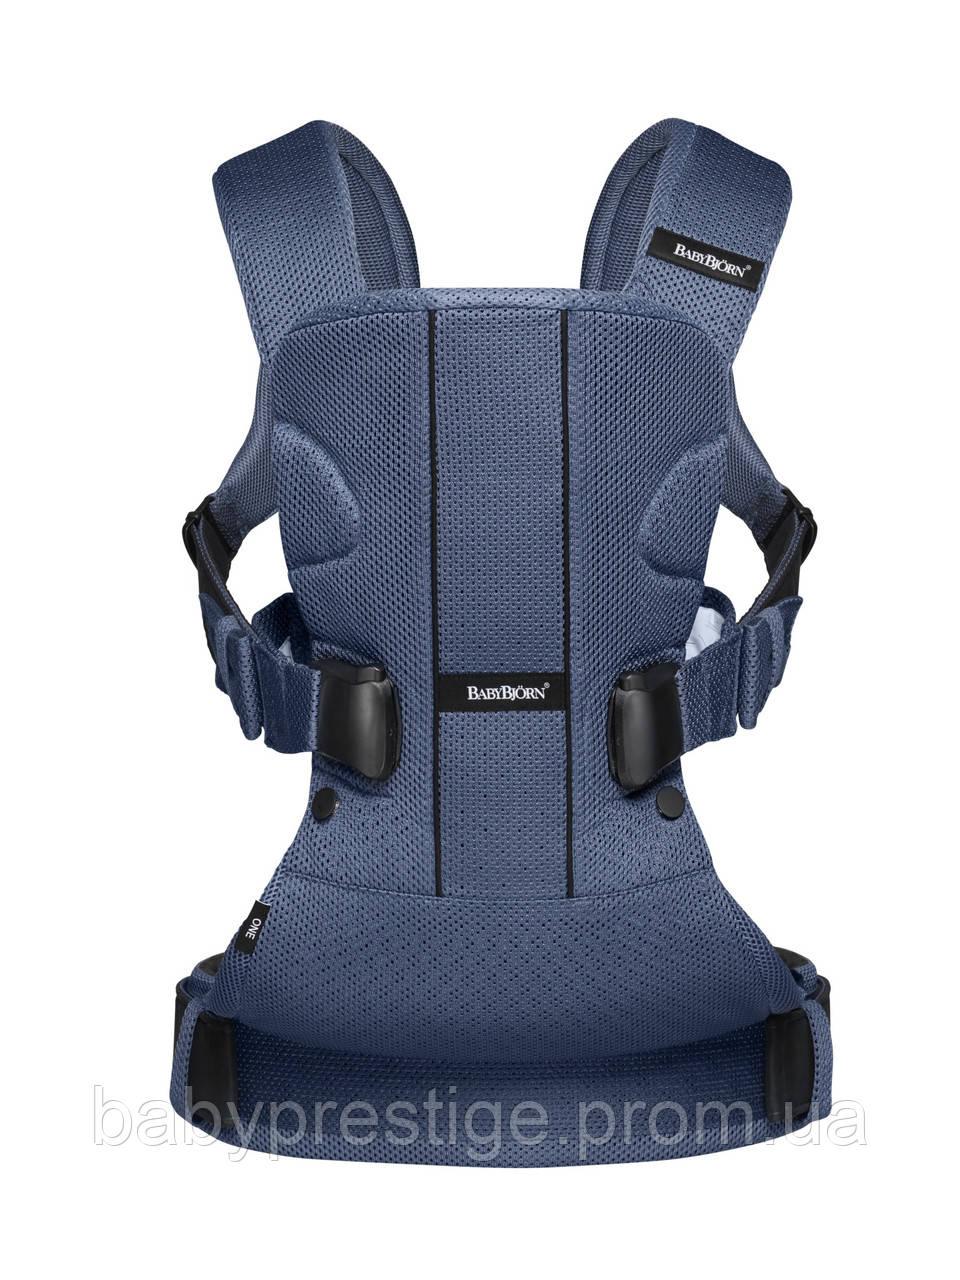 Синий эргономичный рюкзак-кенгуру BABYBJORN ONE Air, синий